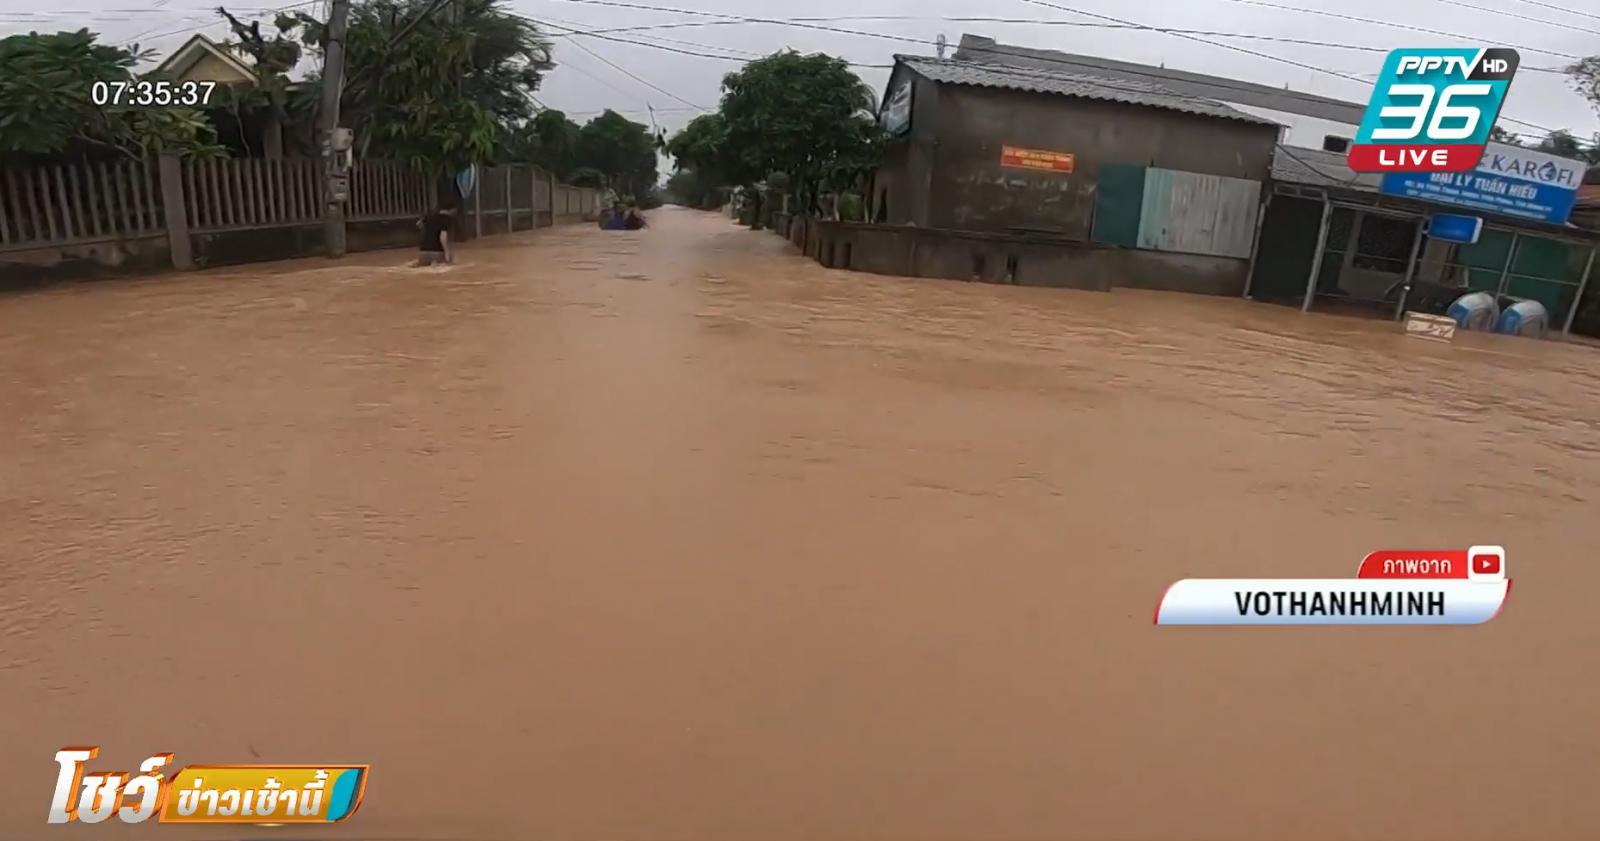 พายุถล่มเวียดนาม-กัมพูชา  เสียชีวิตแล้วเกือบ 30 คน